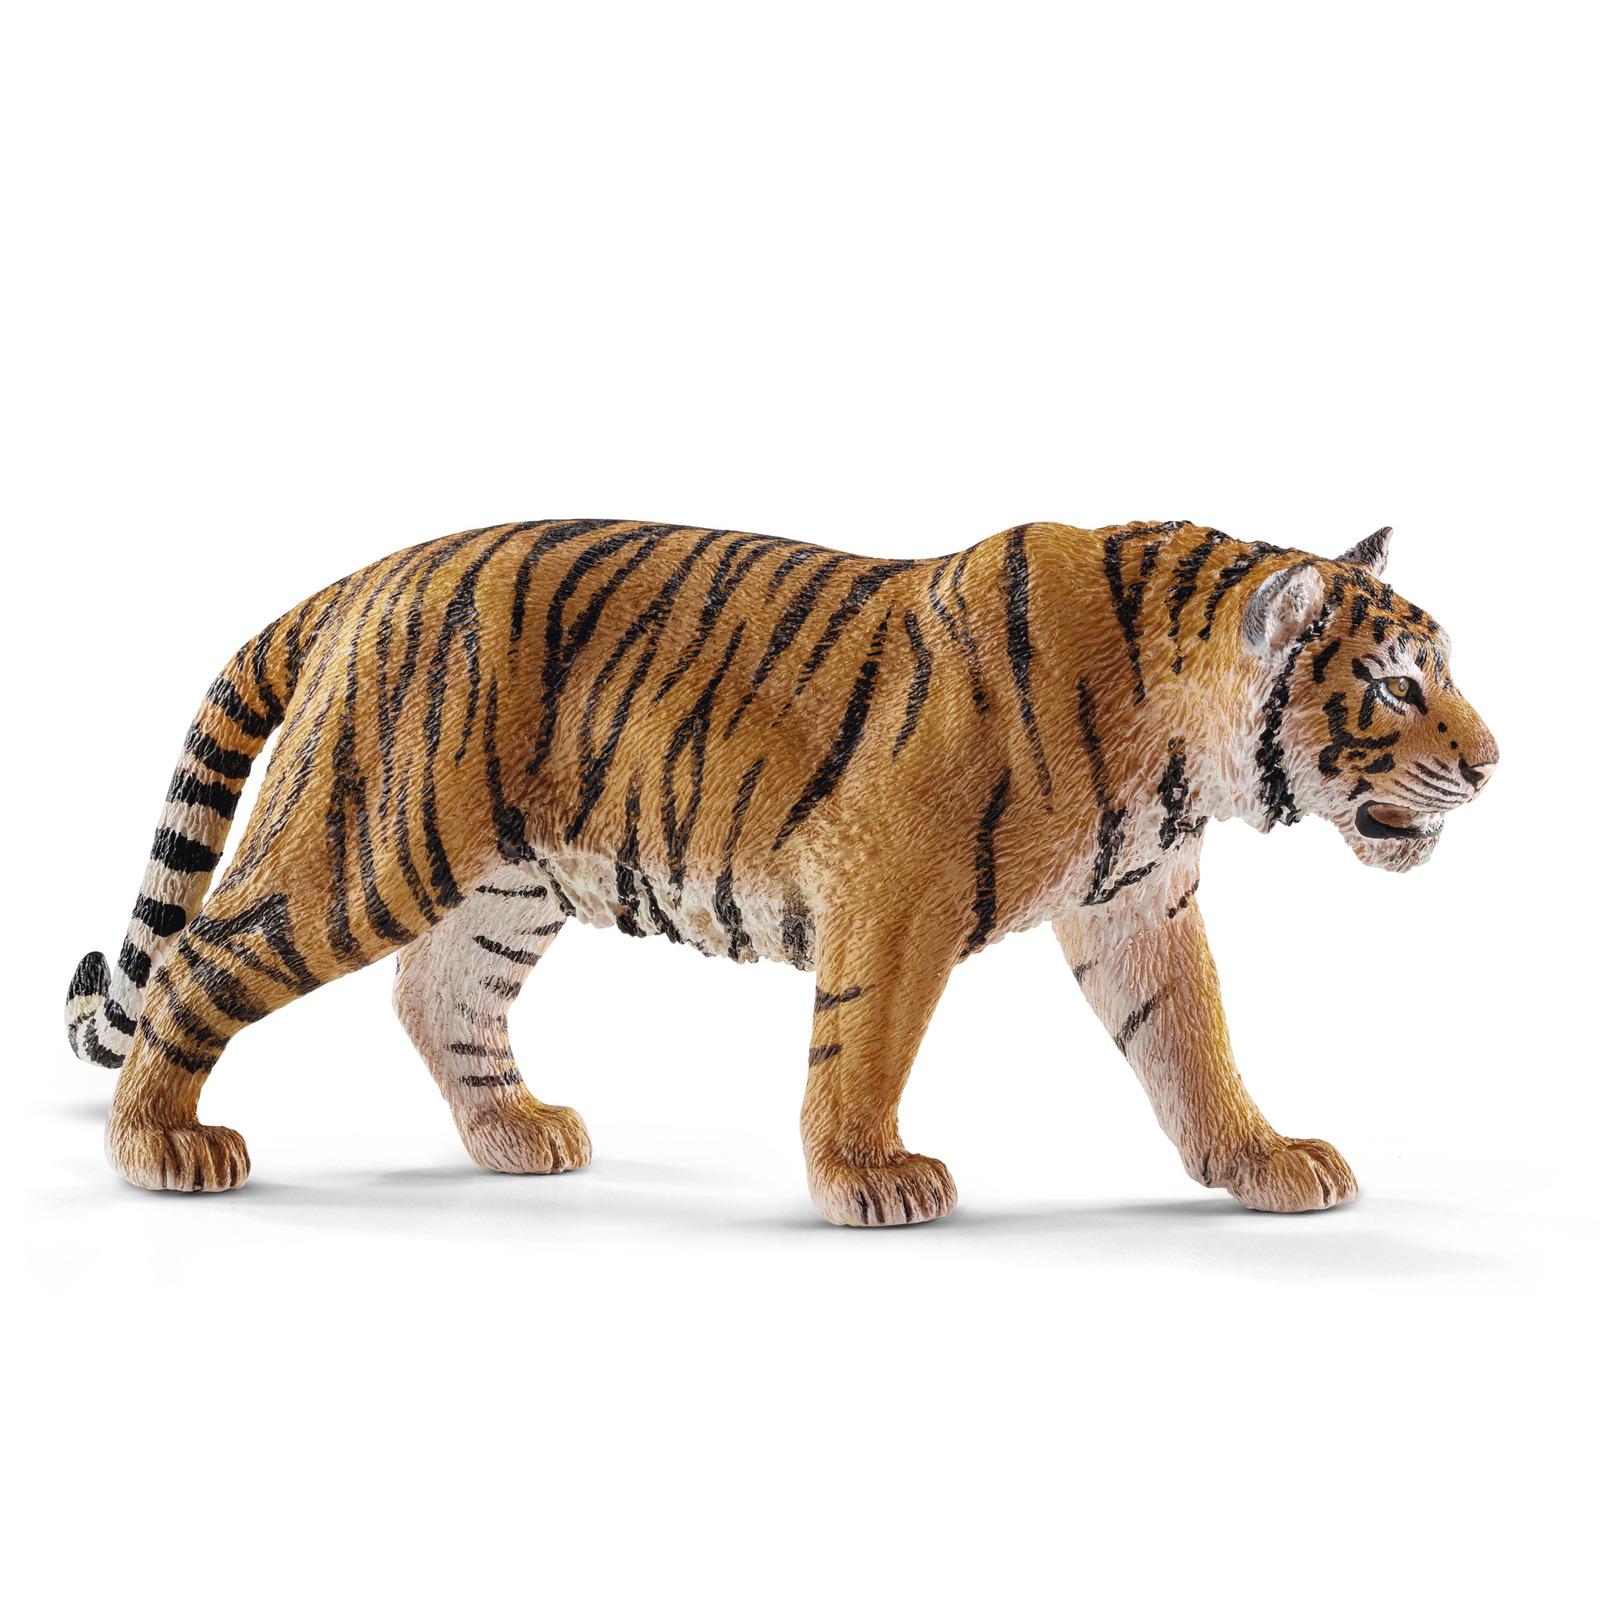 Schleich: Tiger image